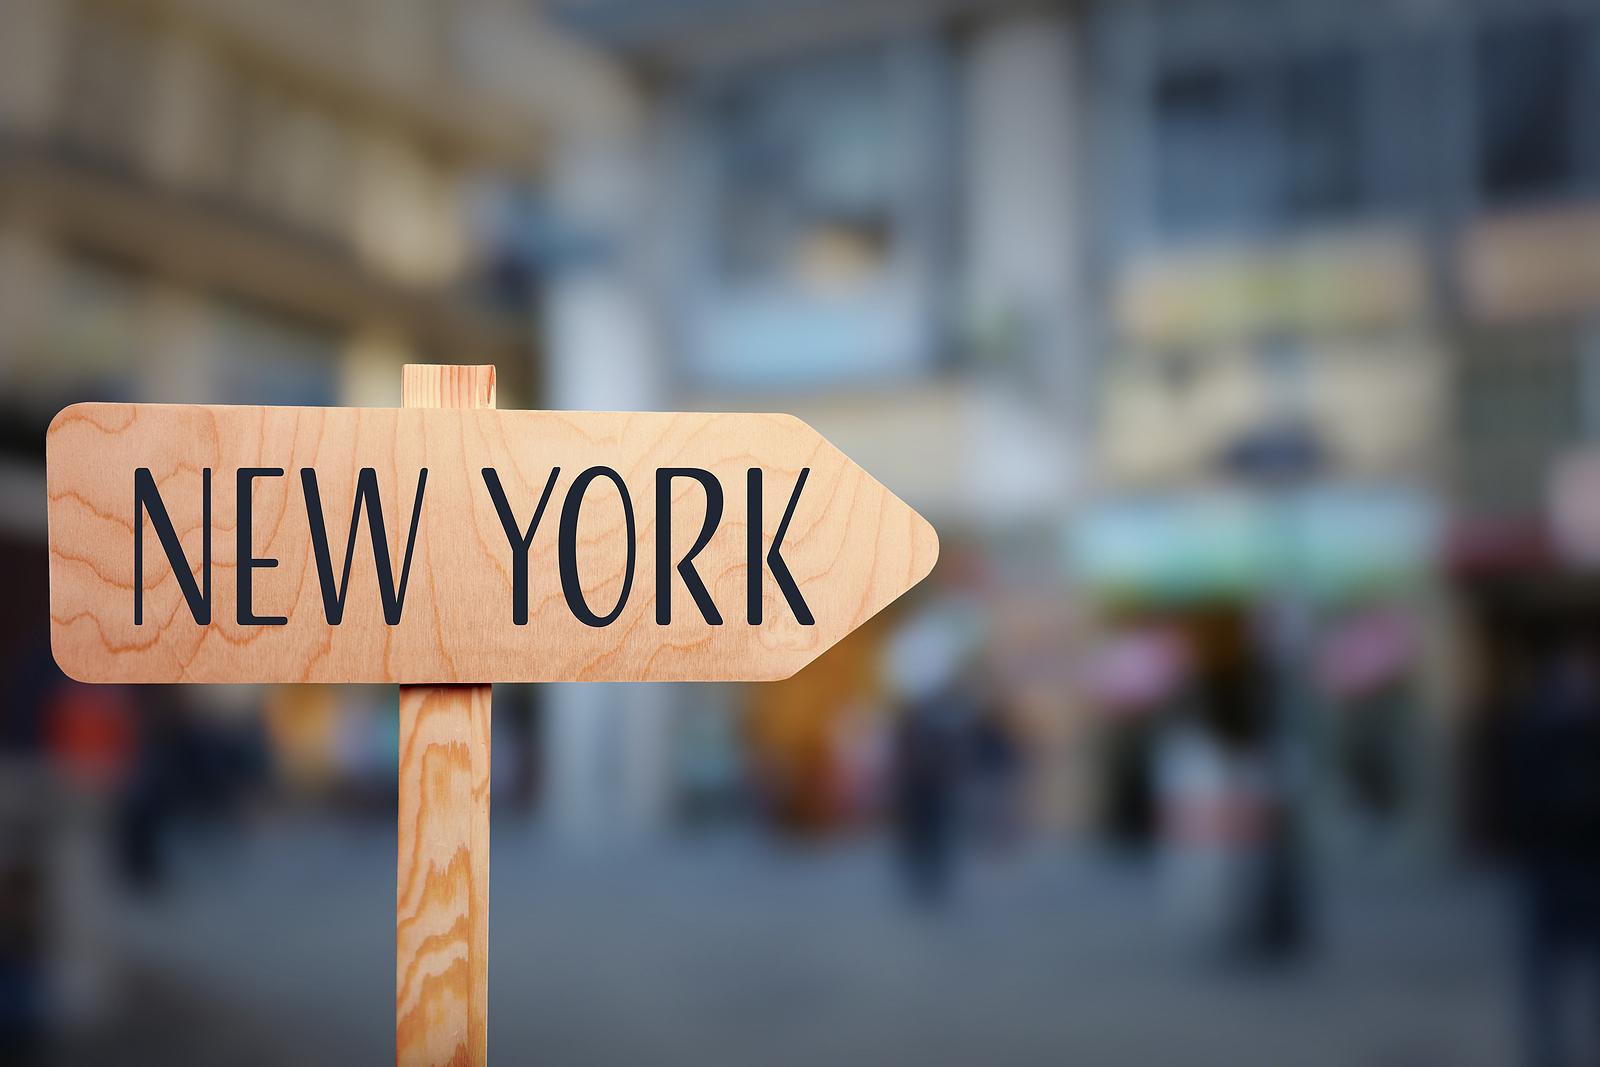 Art Shuttle California – New York